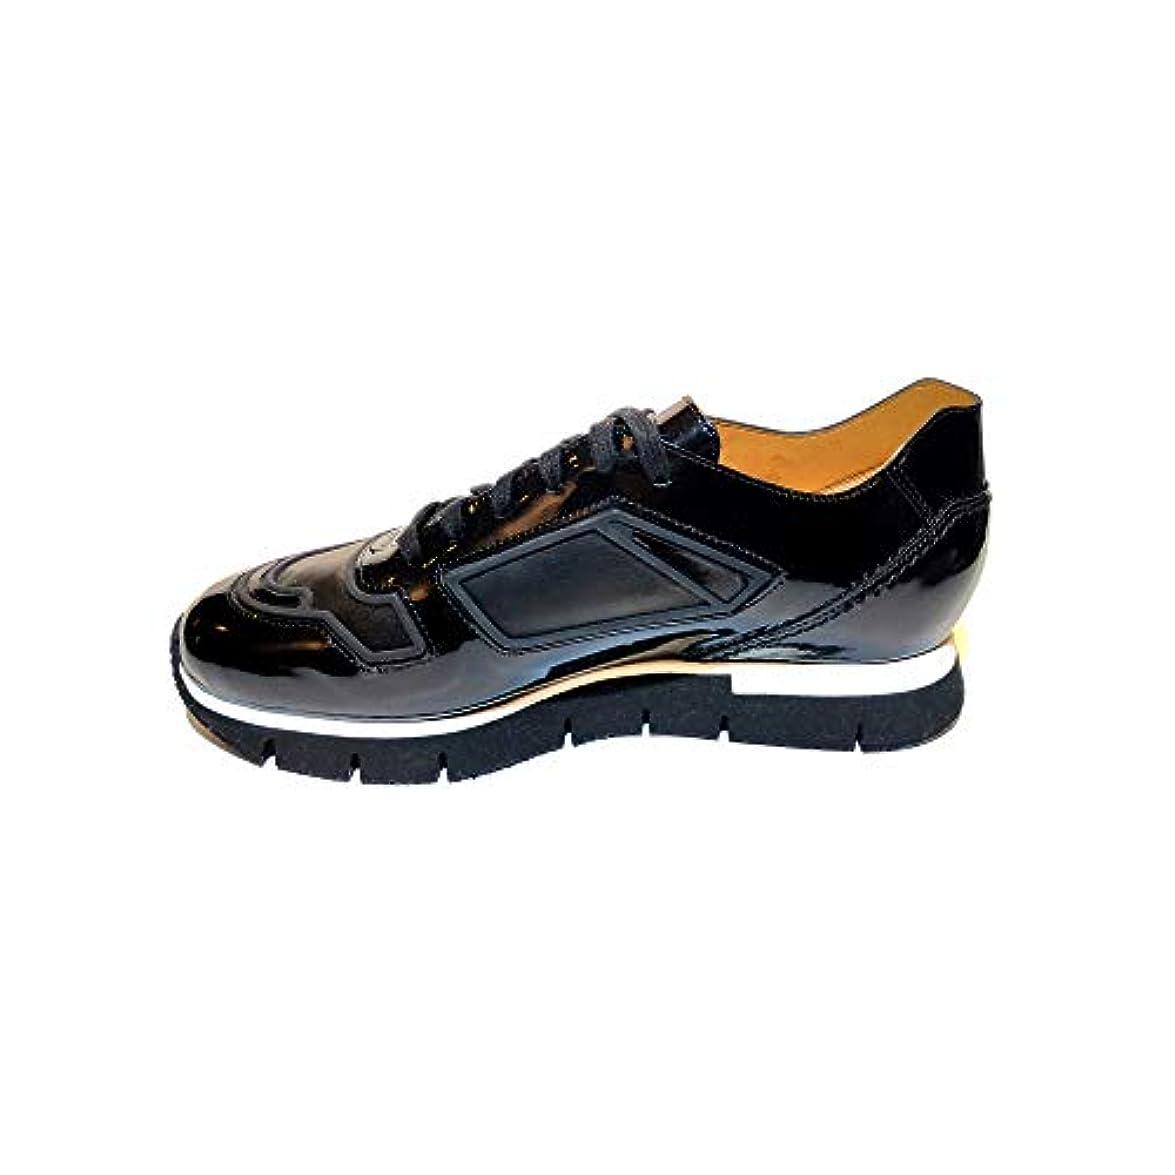 Santoni Sneakers Donna Inserti In Vernice Nero